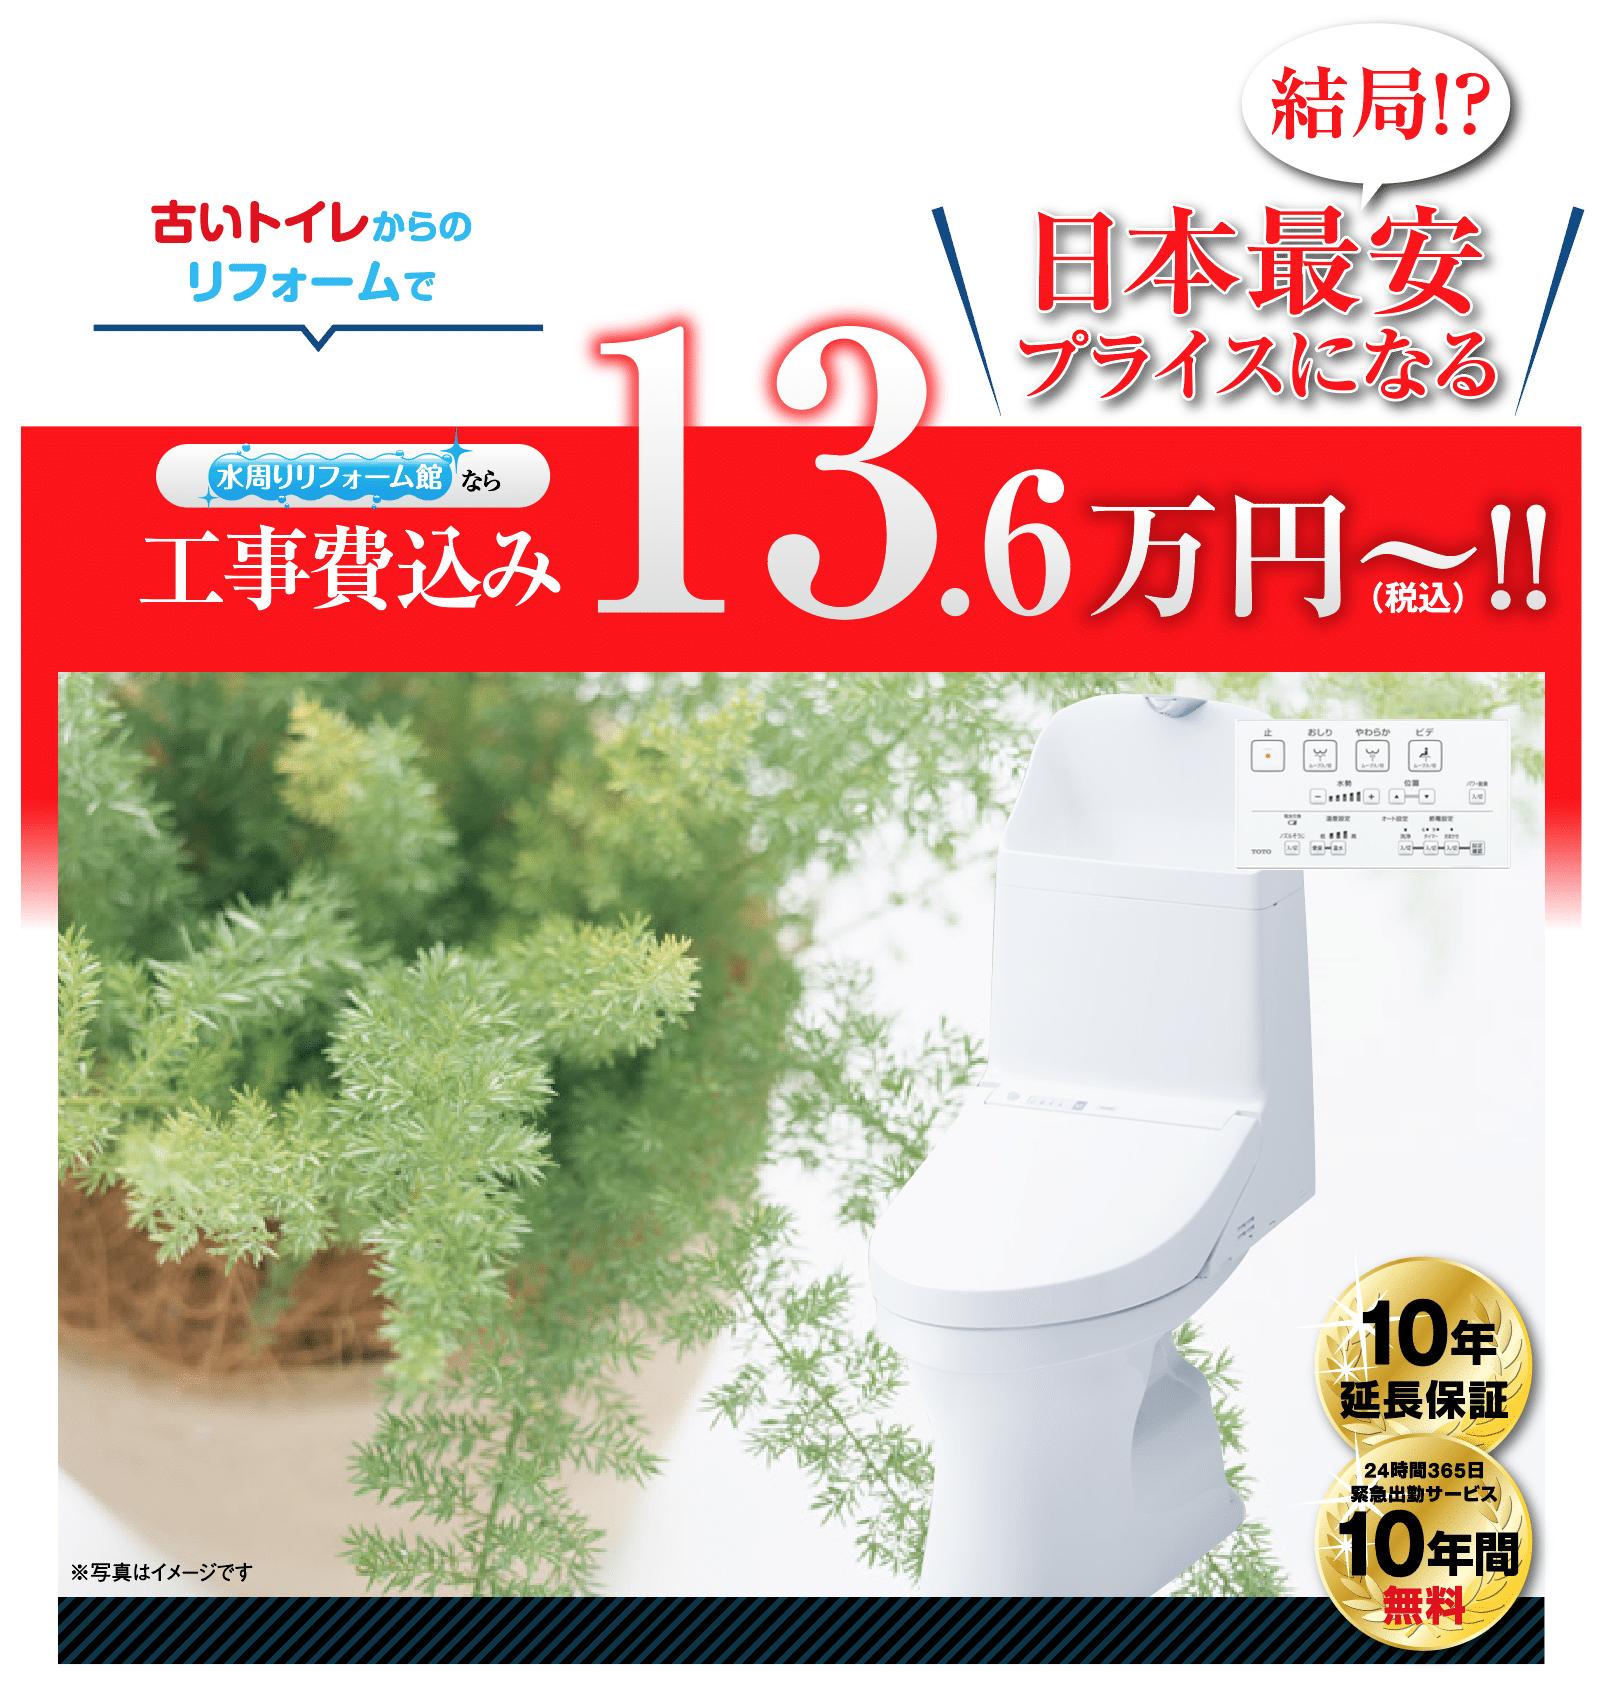 TOTOウォシュレットが工事費込みで13.6万円